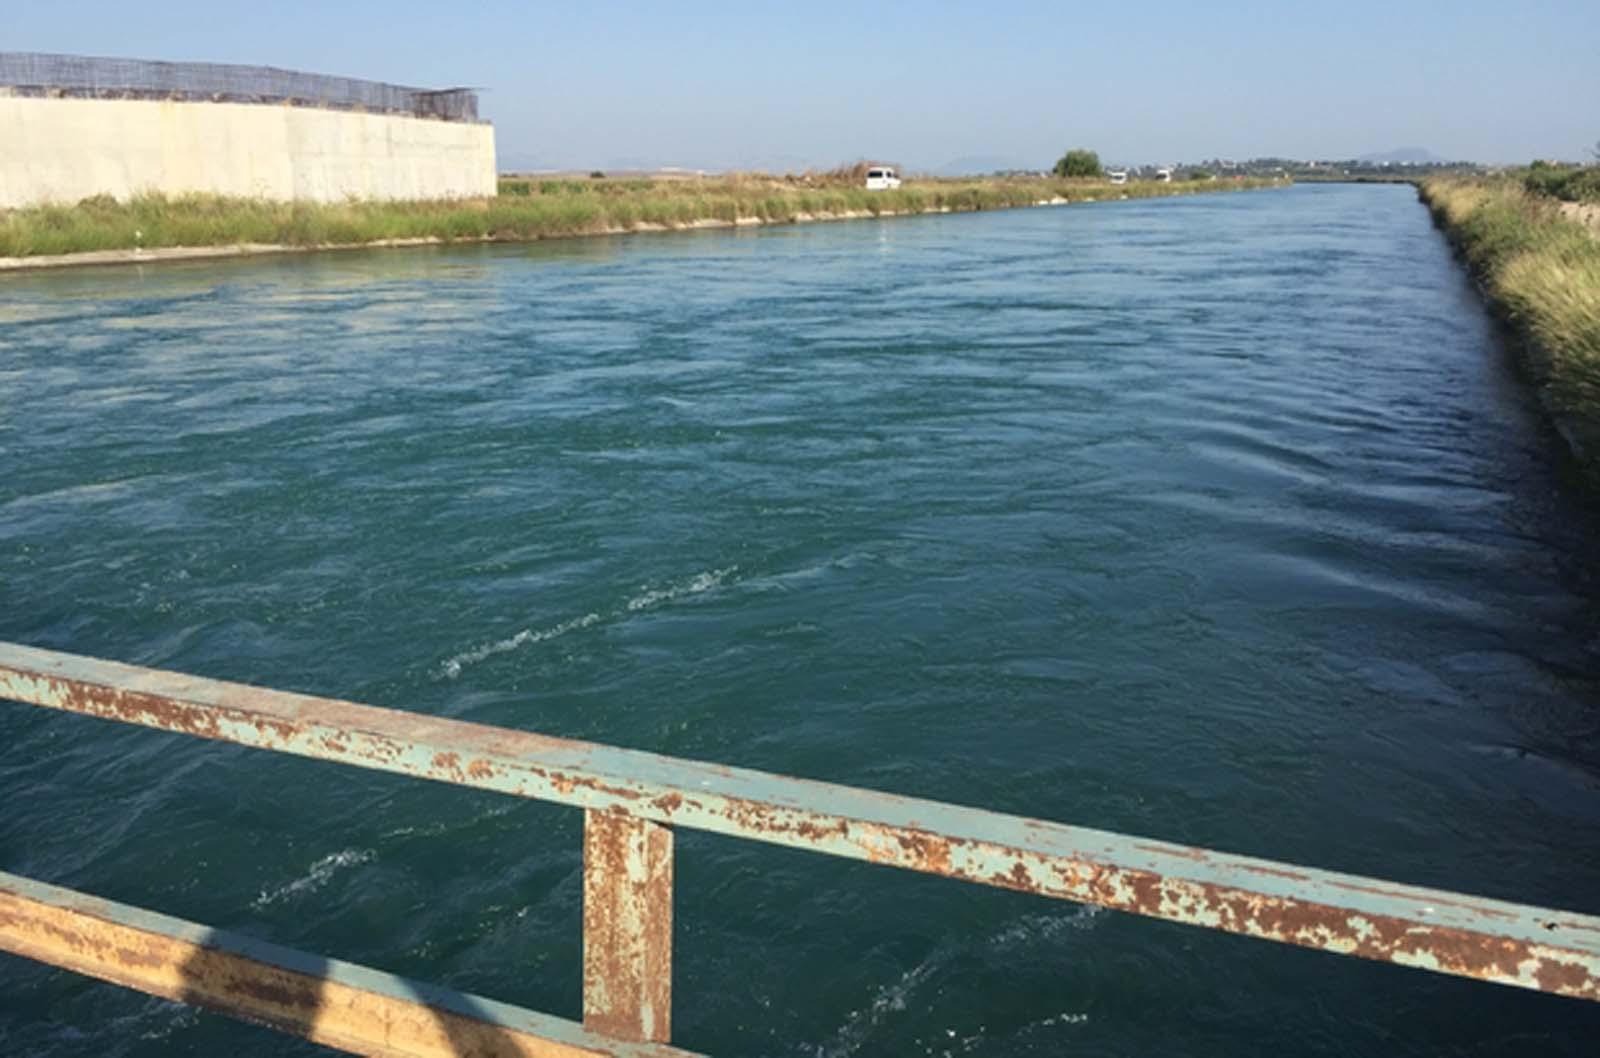 Sulama kanalında boğulan Berat'ın son sözü Beni kurtarın! olmuş